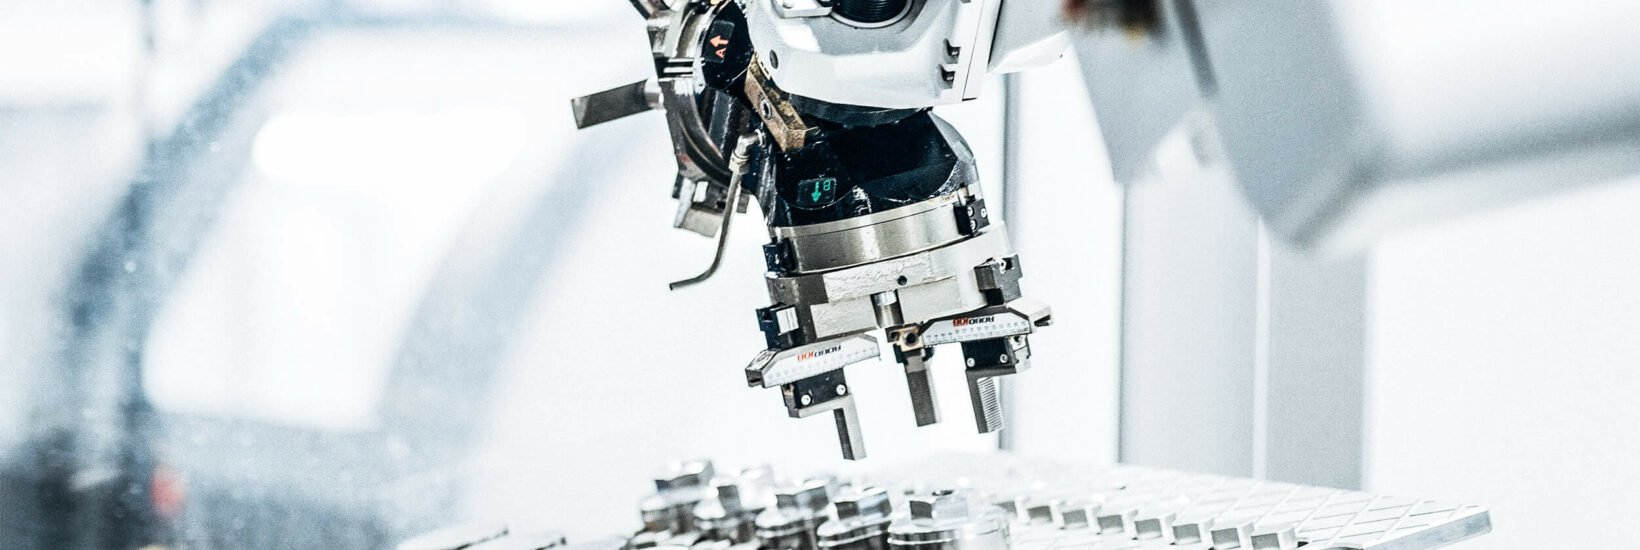 JWS Lösung - Roboter / Automation